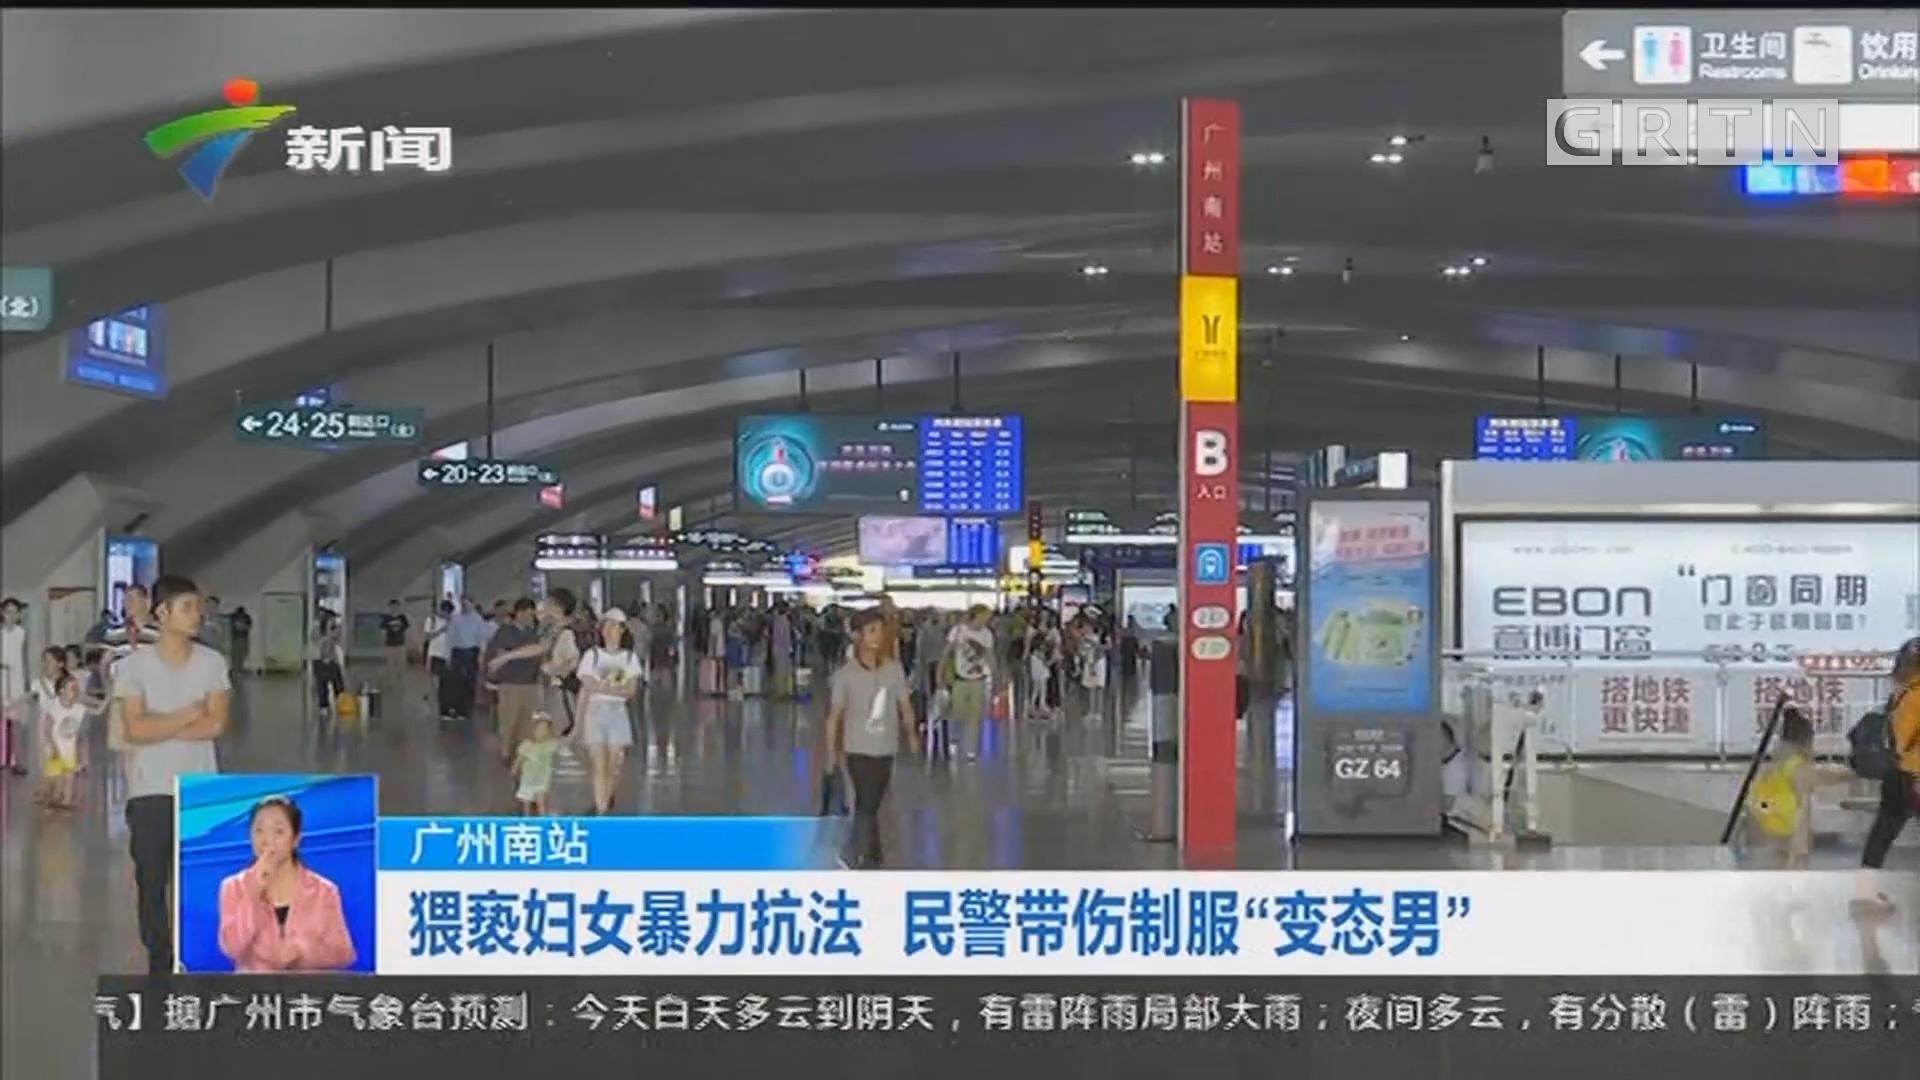 """广州南站 猥亵妇女暴力抗法 民警带伤制服""""变态男"""""""